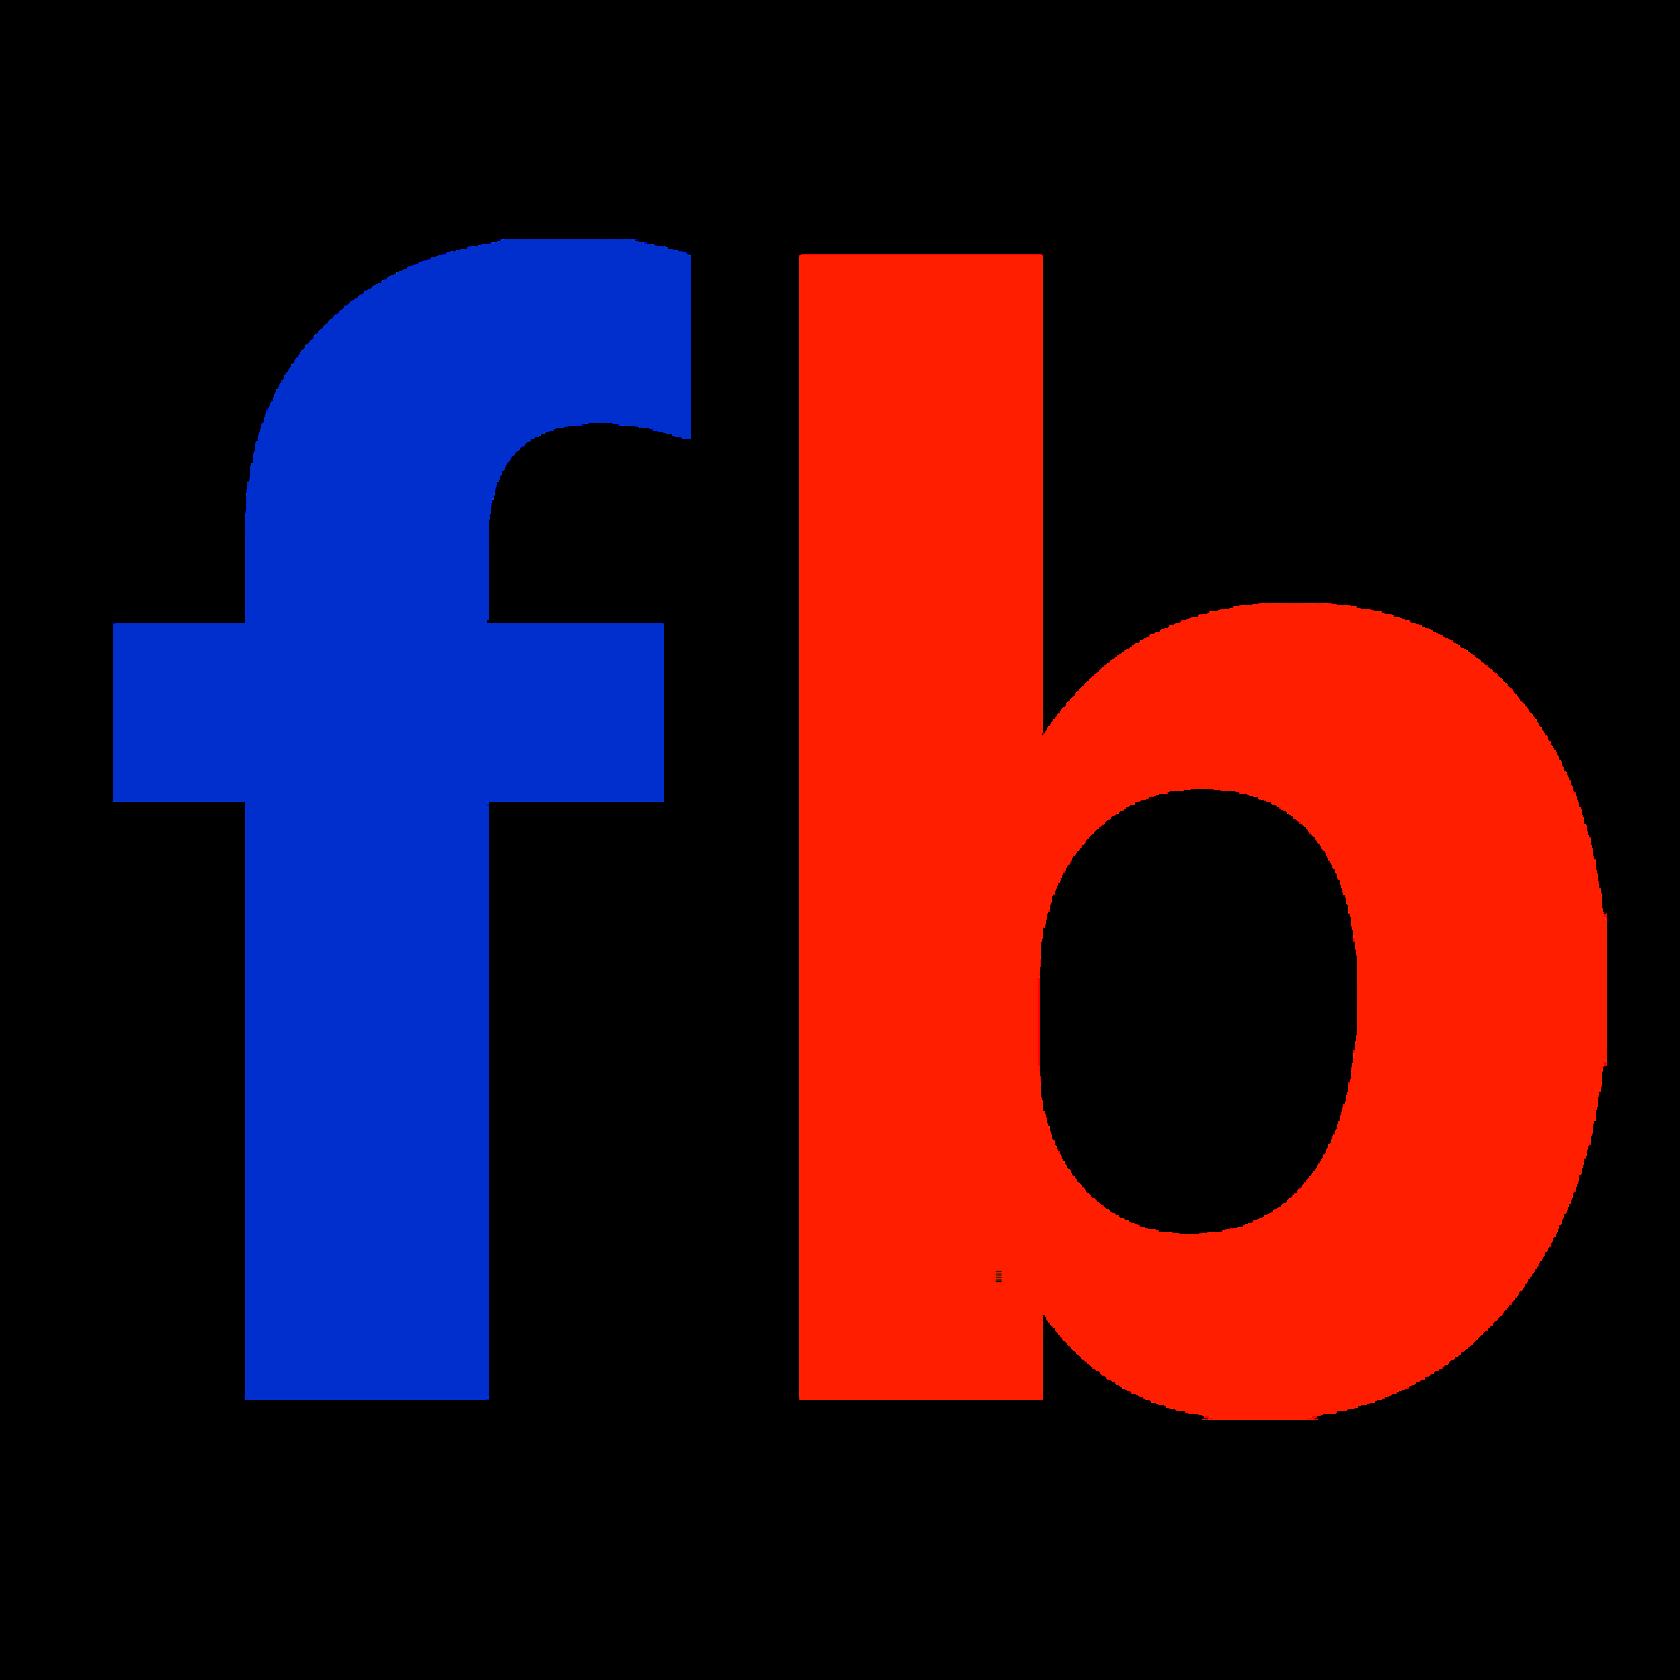 faceblogs.eu